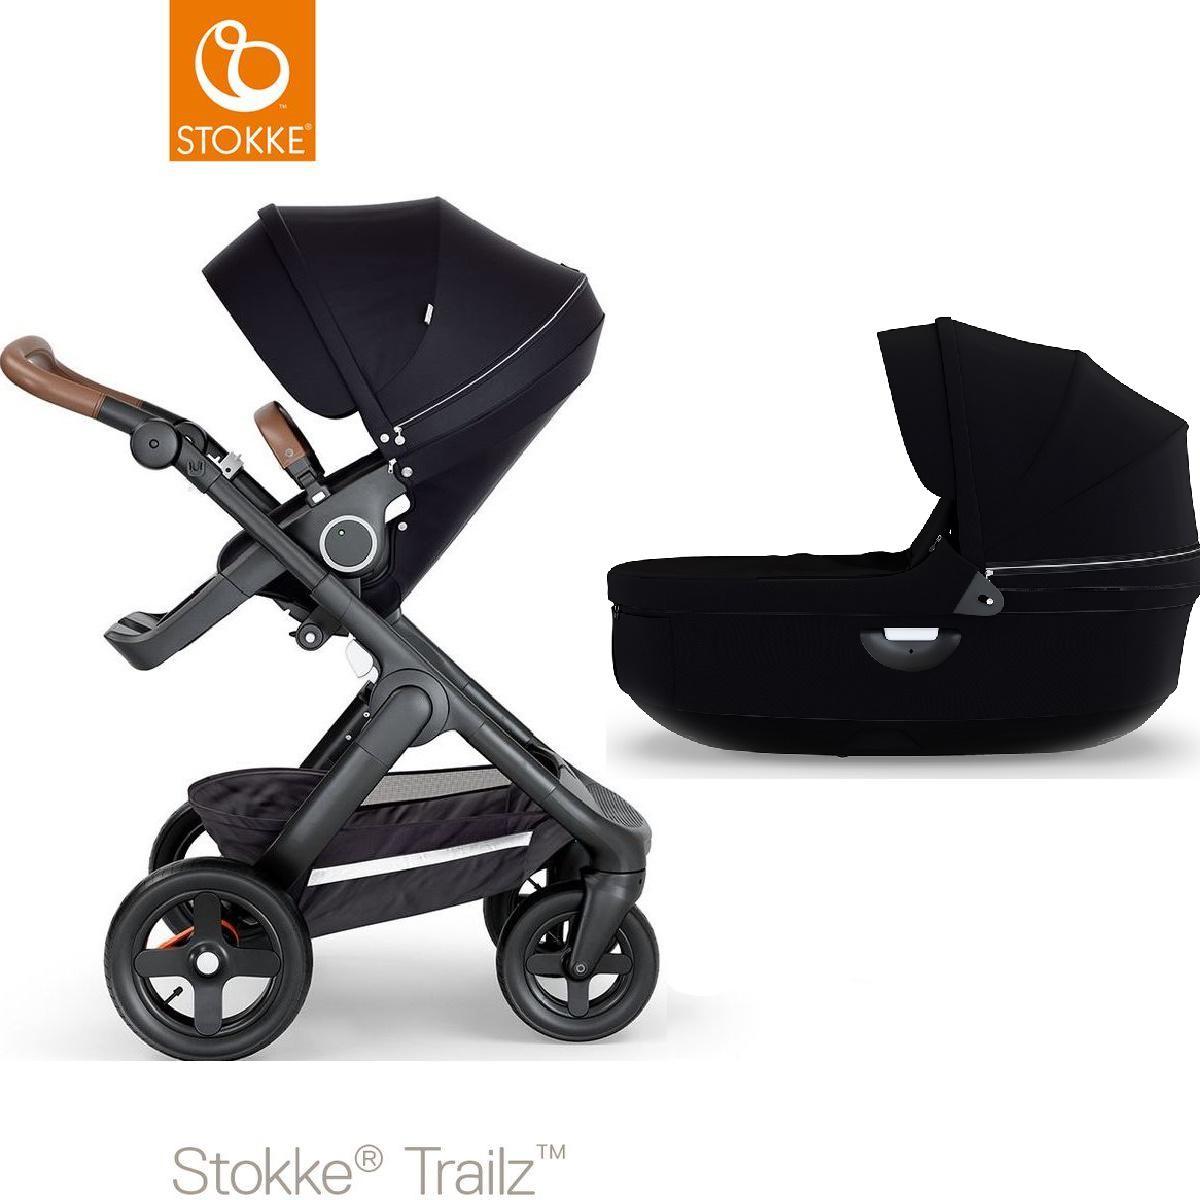 Carrito bebé-capazo todo terreno TRAILZ Stokke marrón-negro